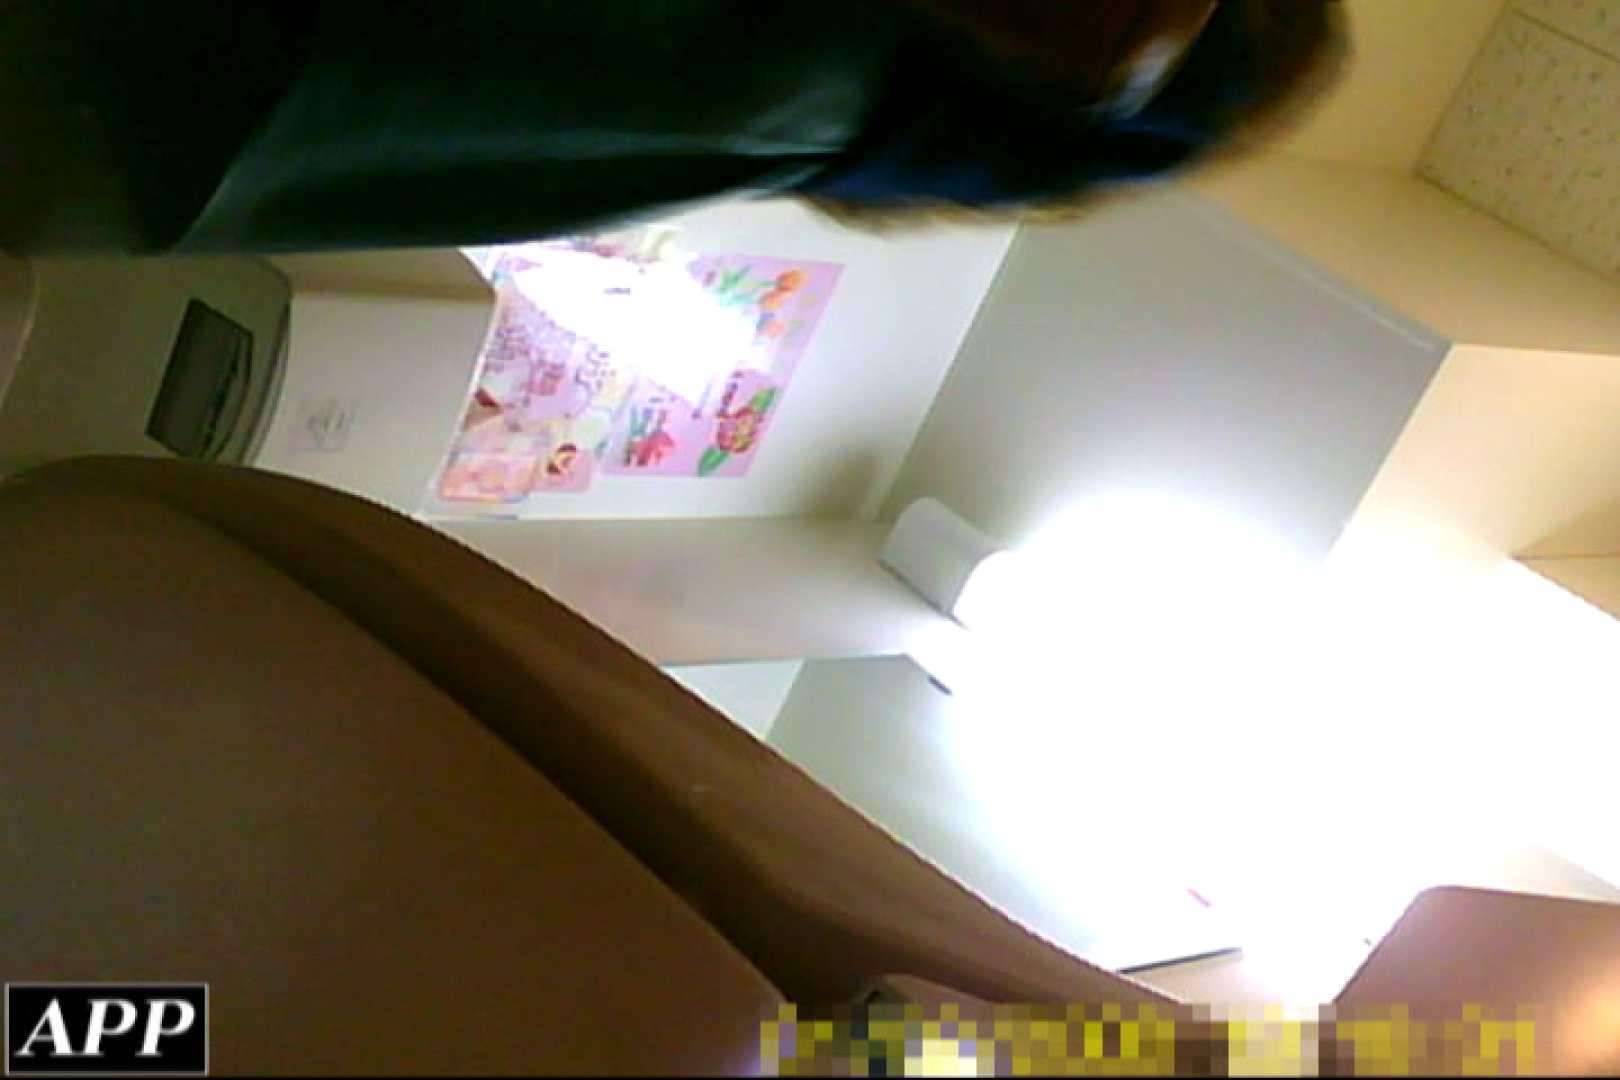 3視点洗面所 vol.100 マンコ・ムレムレ   美しいOLの裸体  87pic 85